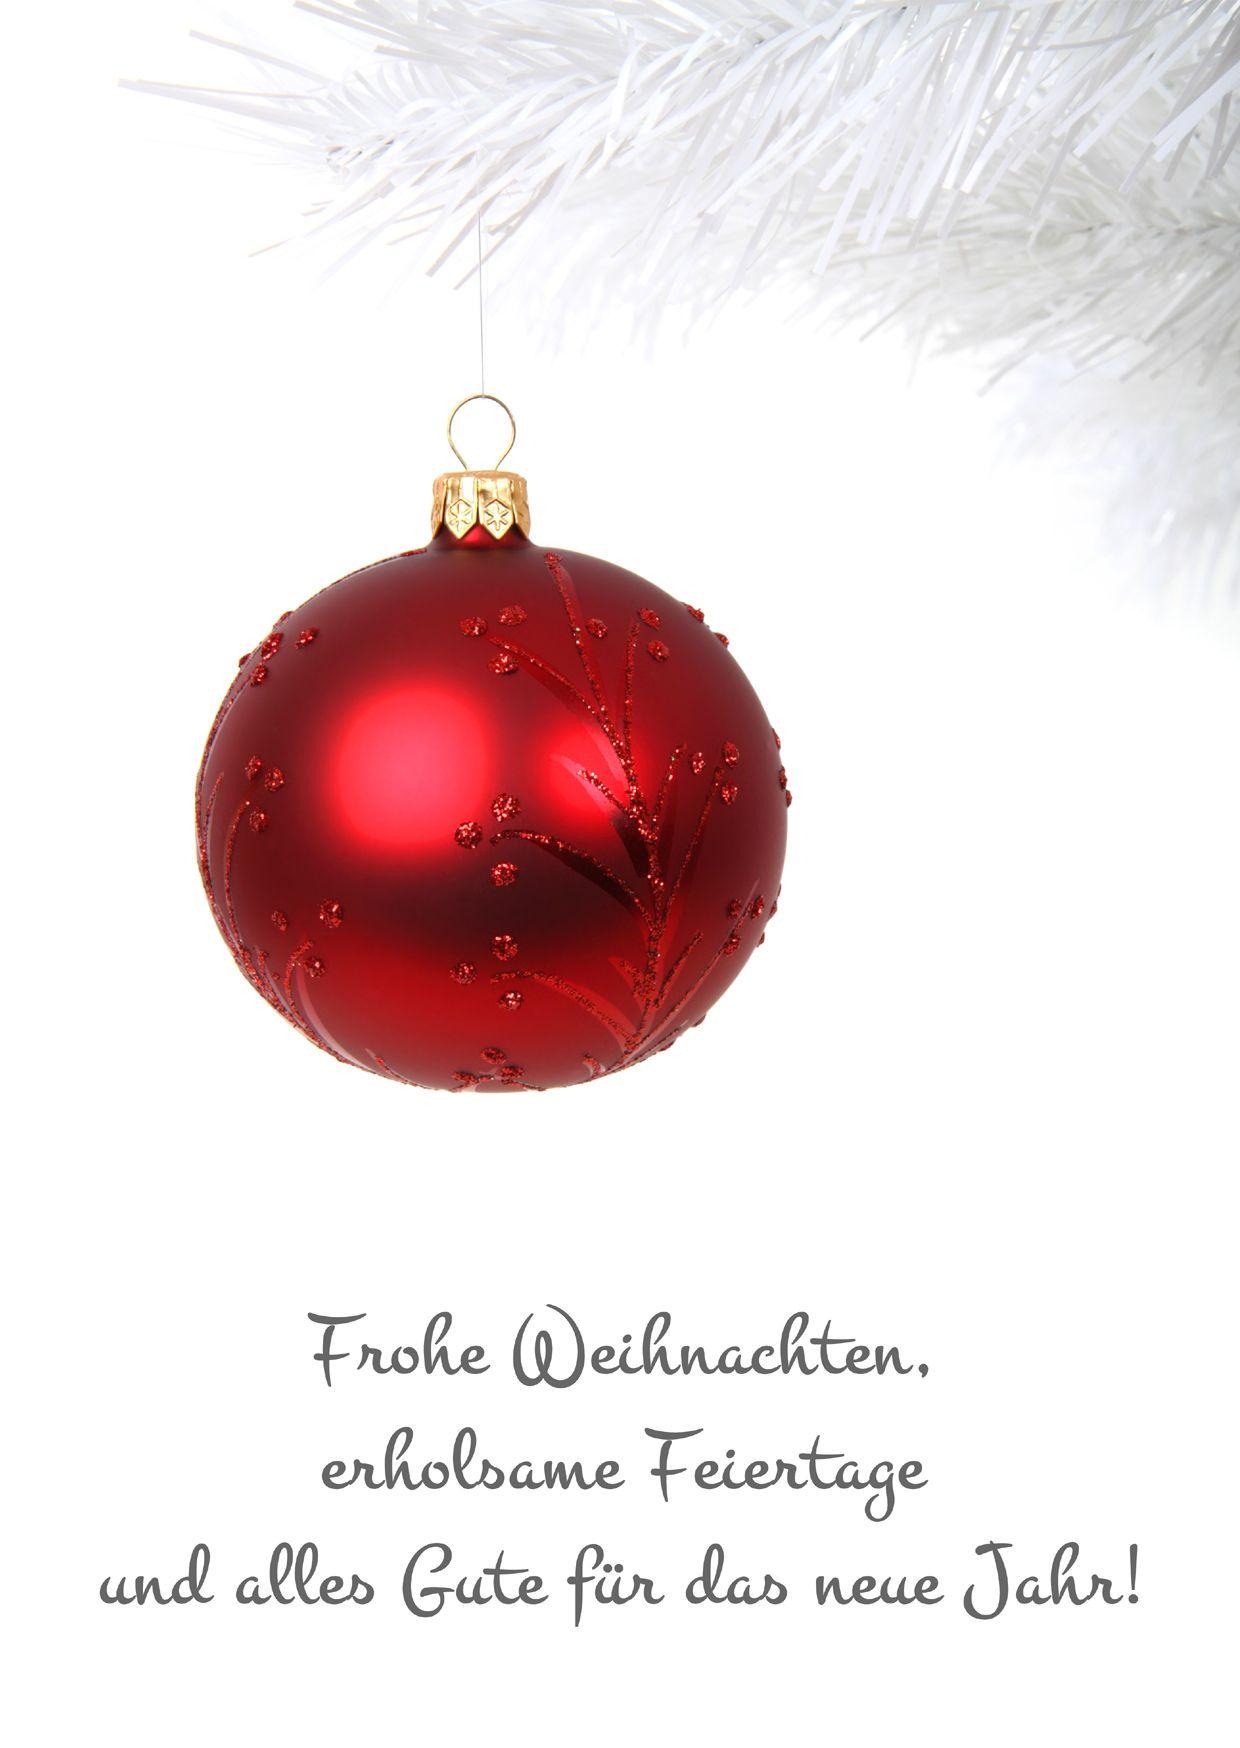 Weihnachtskarte Kostenlos | Kostenlose Weihnachtskarten bestimmt für Kostenlos Weihnachtskarten